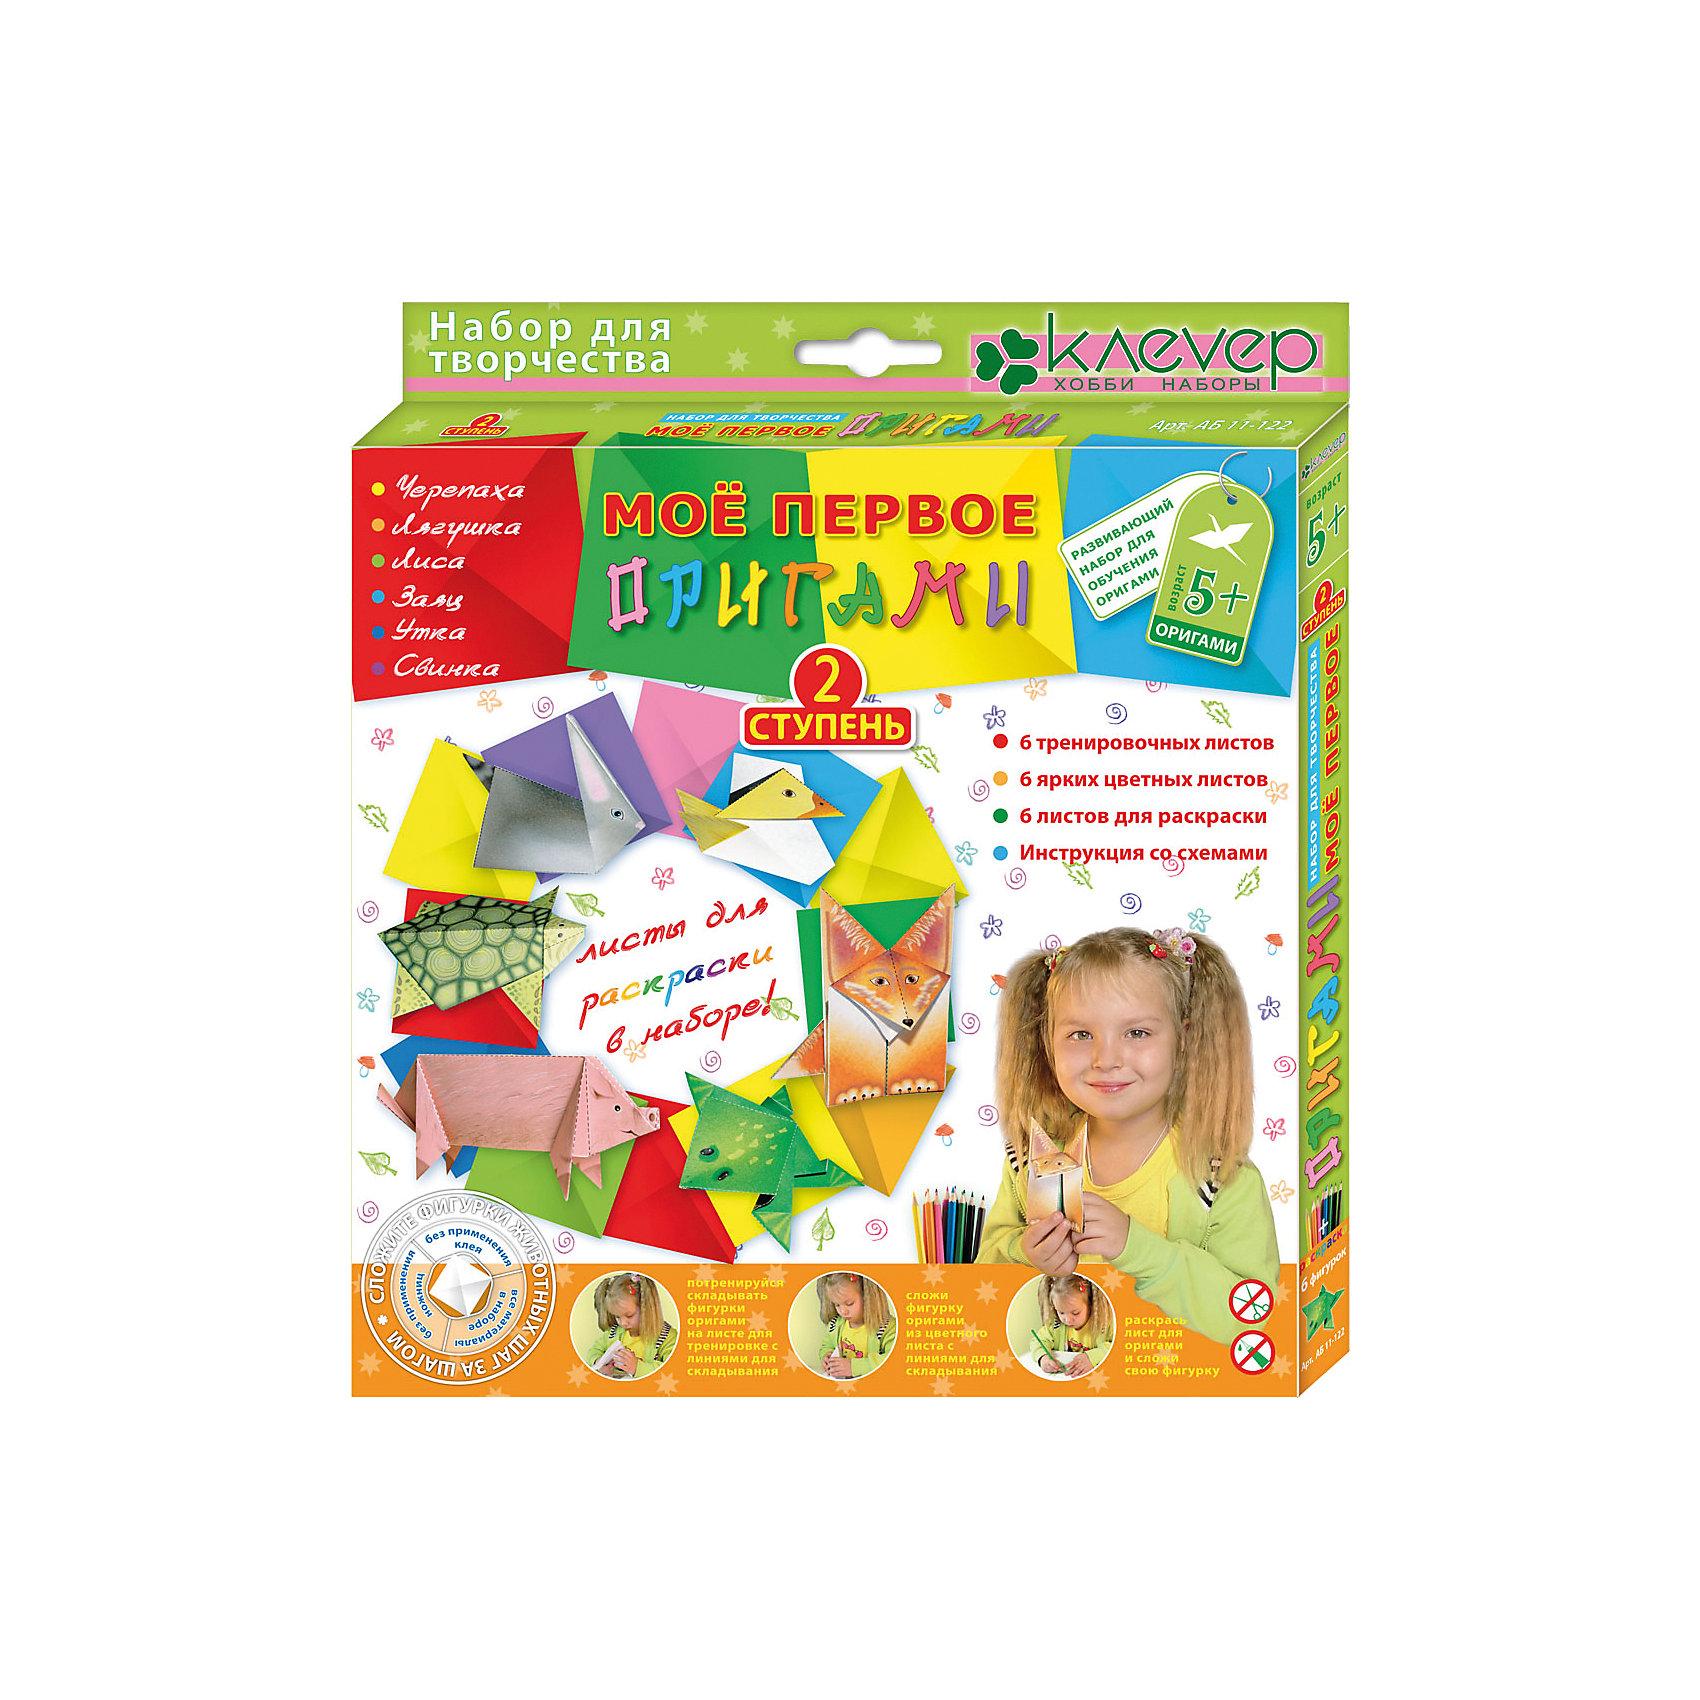 Набор для изготовления фигурок Мое первое оригами 2-ая ступеньБумага<br>Характеристики:<br><br>• Коллекция: оригами<br>• Тематика: дикие и домашние животные <br>• Уровень сложности: средний<br>• Материал: бумага<br>• Комплектация:тренировочные листы, цветные листы, листы для раскраски, тест-лист, брошюра-инструкция<br>• Размеры (Д*Ш*В): 20,7*22,7*17 см<br>• Вес: 100 г <br>• Упаковка: картонная коробка<br><br>Набор для изготовления фигурок Мое первое оригами 2-ая ступень состоит из набора листов, презназначенных для освоения приемов складывания фигурок. В комплекте предусмотрены тренировочные листы, листы для раскрашивания и цветные листы. На каждый лист нанесены пунктирные линии, которые облегчают процесс обучения оригами.<br><br>Набор для изготовления фигурок Мое первое оригами 2-ая ступень можно купить в нашем интернет-магазине.<br><br>Ширина мм: 207<br>Глубина мм: 227<br>Высота мм: 170<br>Вес г: 100<br>Возраст от месяцев: 60<br>Возраст до месяцев: 144<br>Пол: Унисекс<br>Возраст: Детский<br>SKU: 5541593